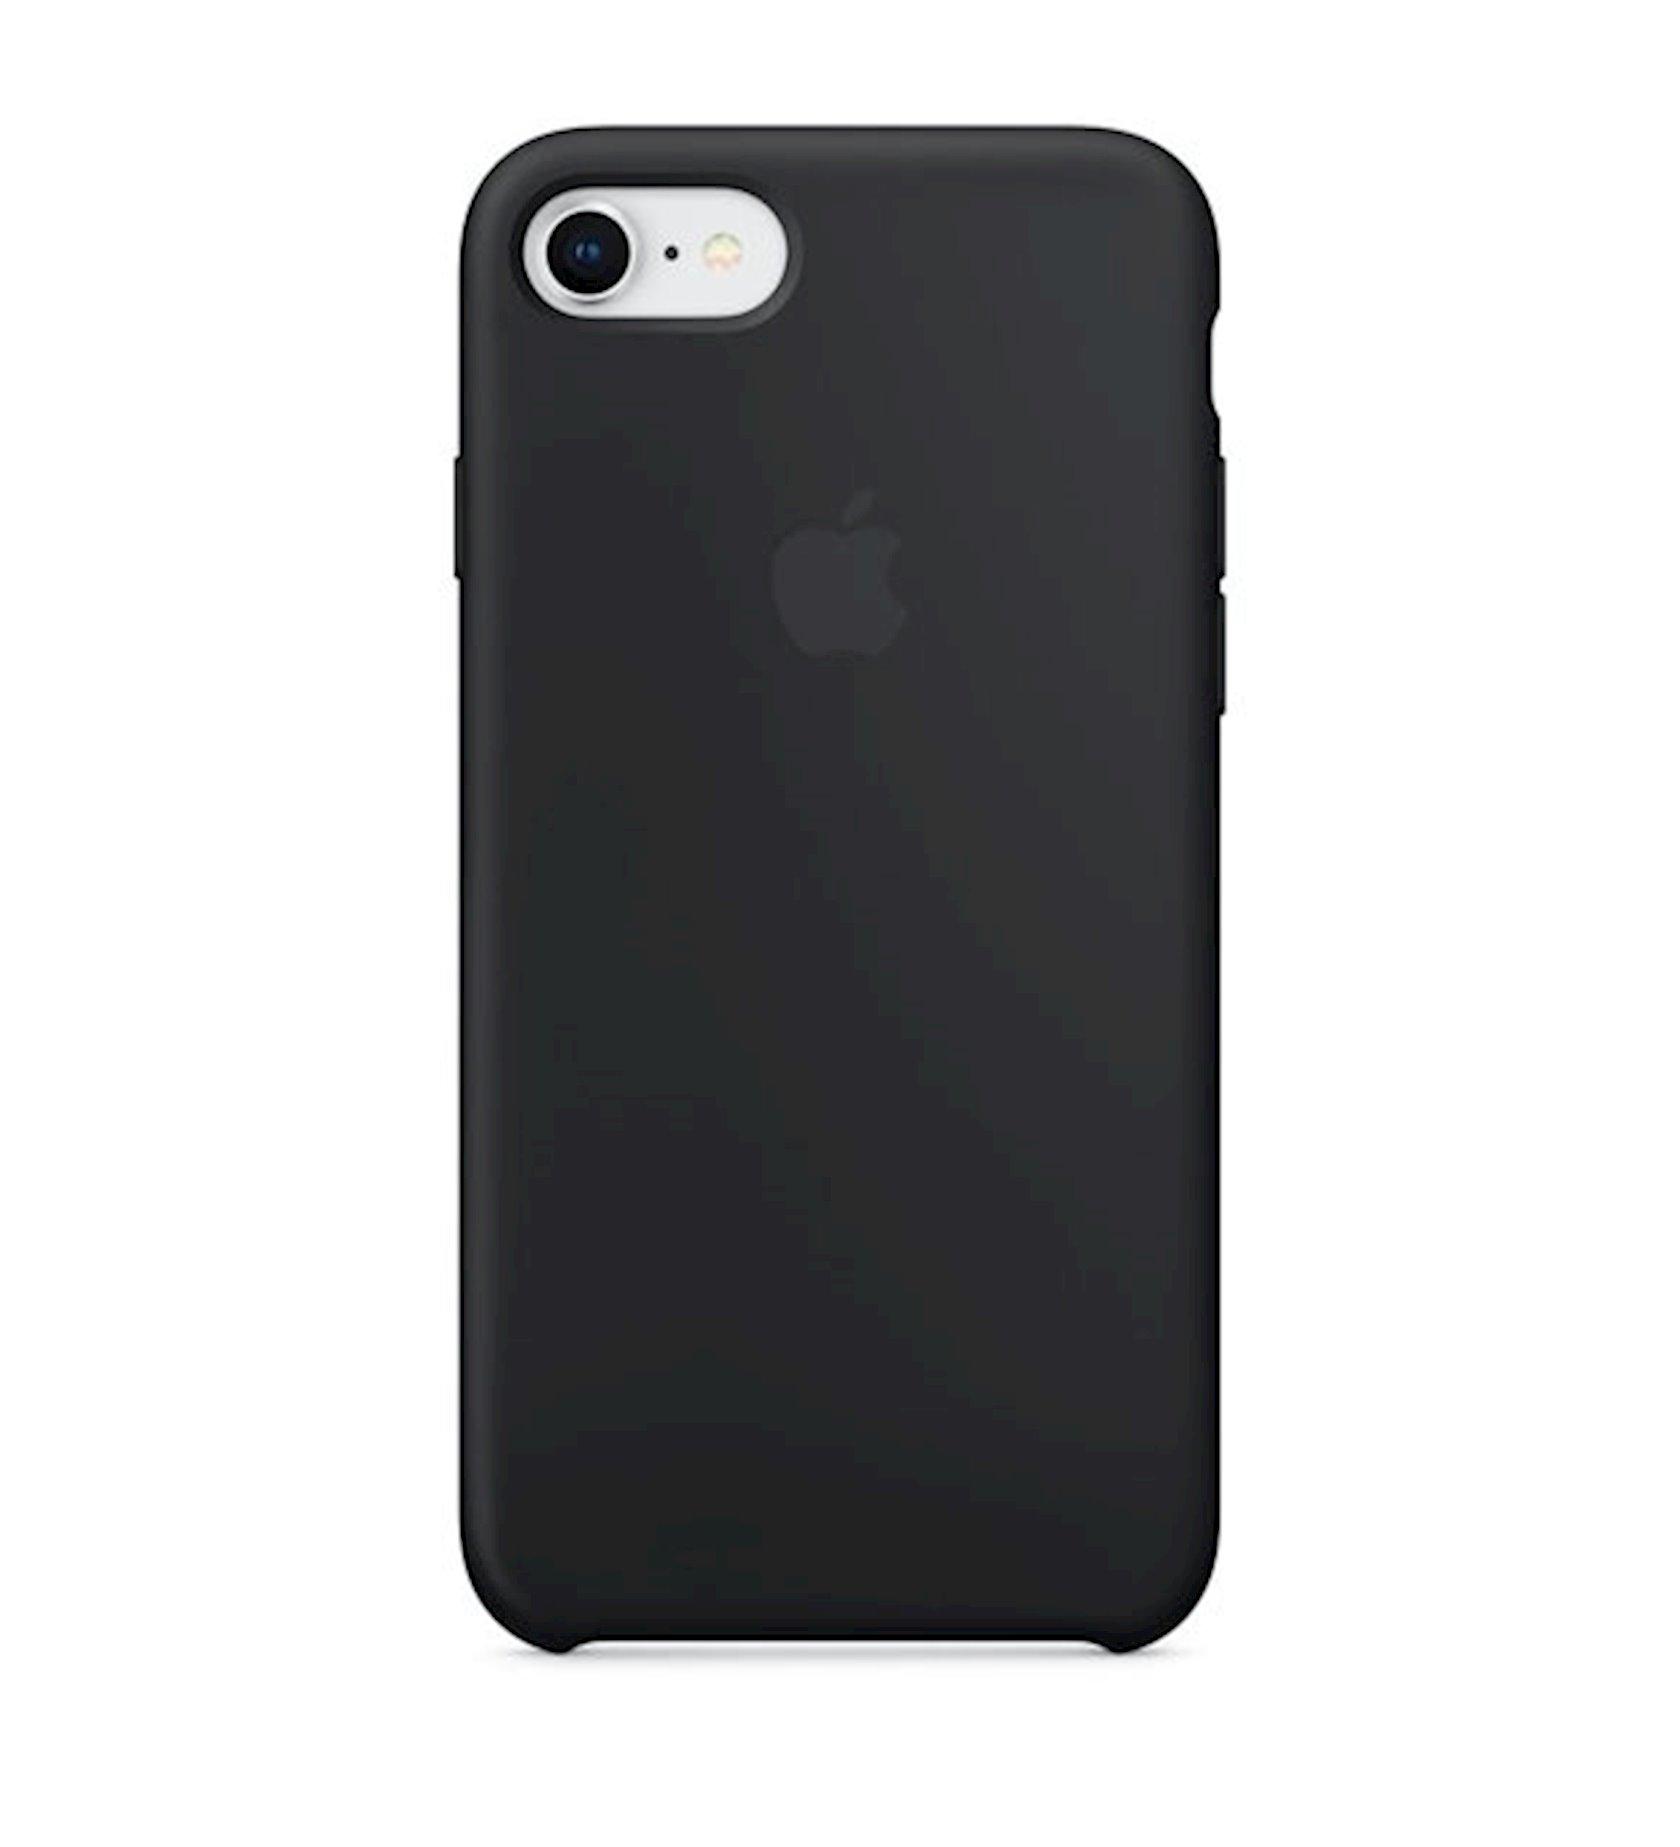 Çexol Silicone Case Apple iPhone 8/7 /SE 2020 üçün  Black